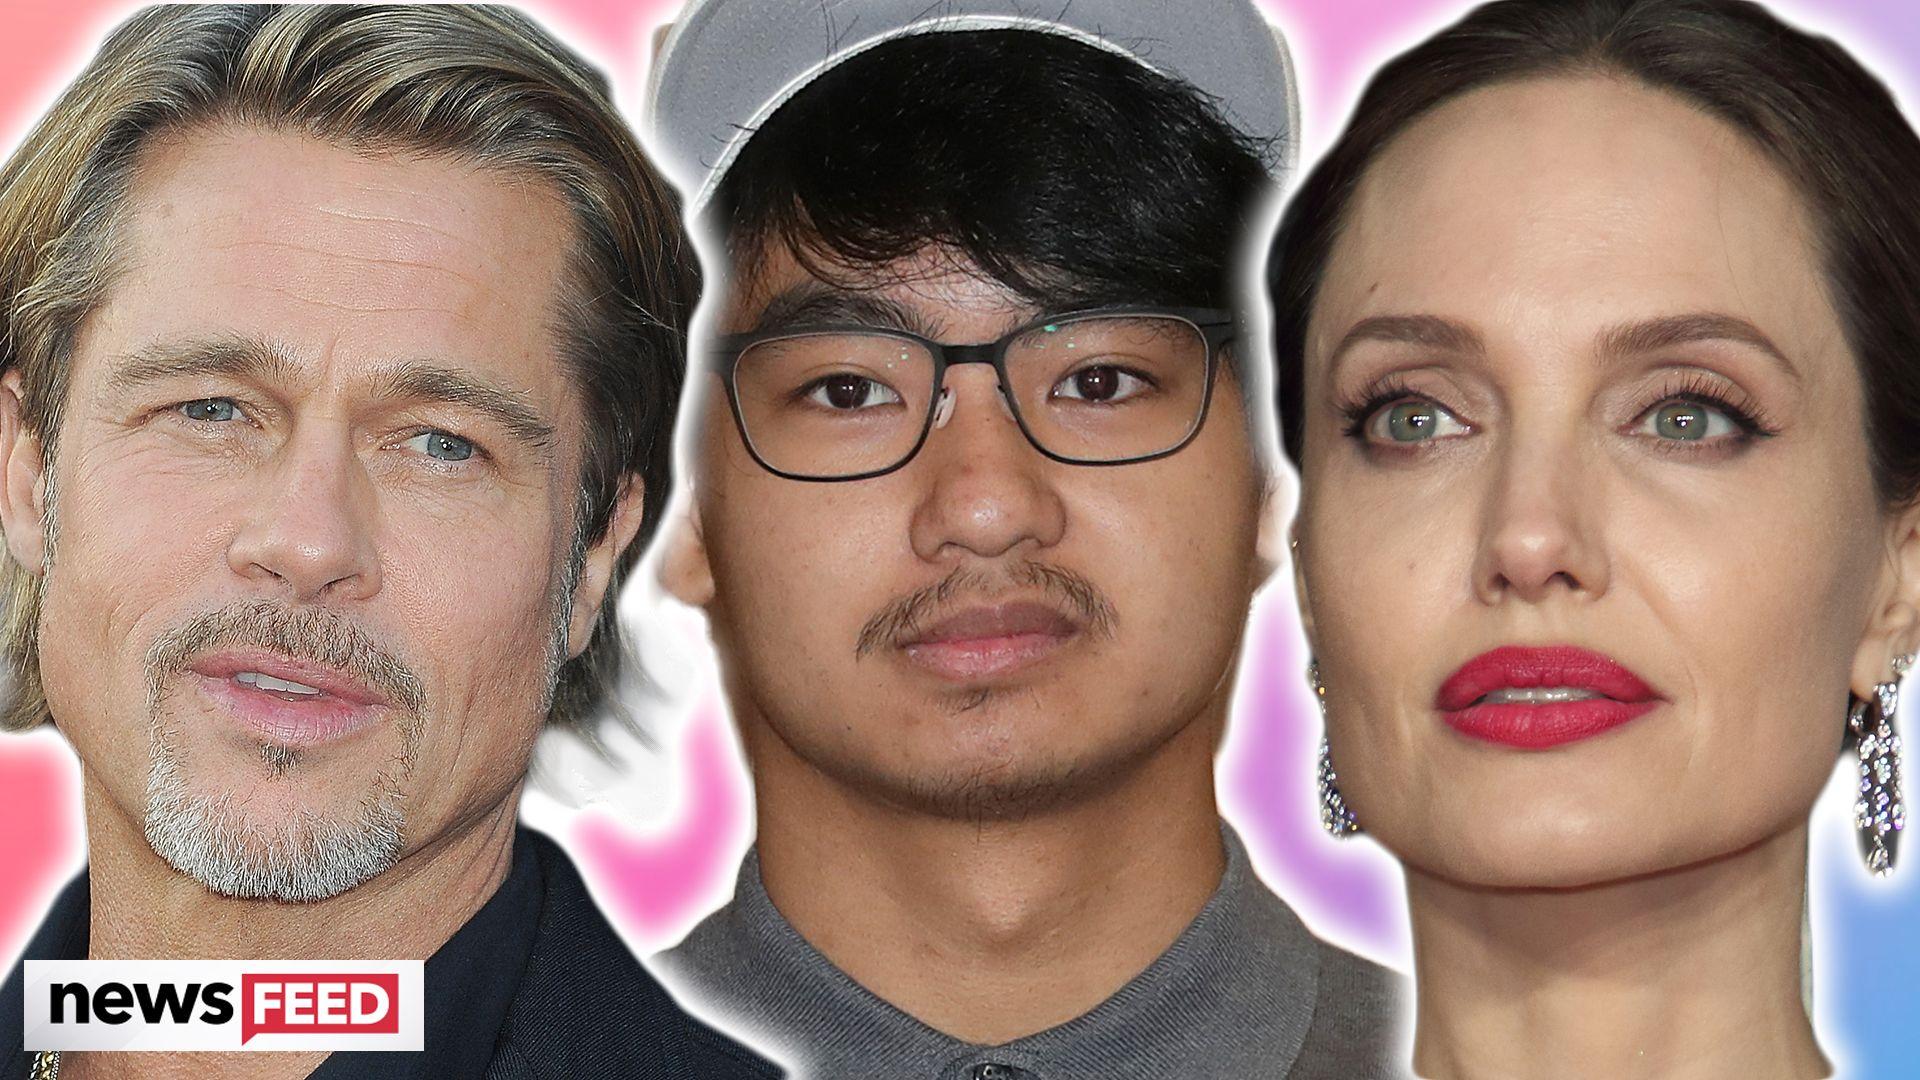 Il primo lavoro di Zahara Jolie Pitt è anti-millennials